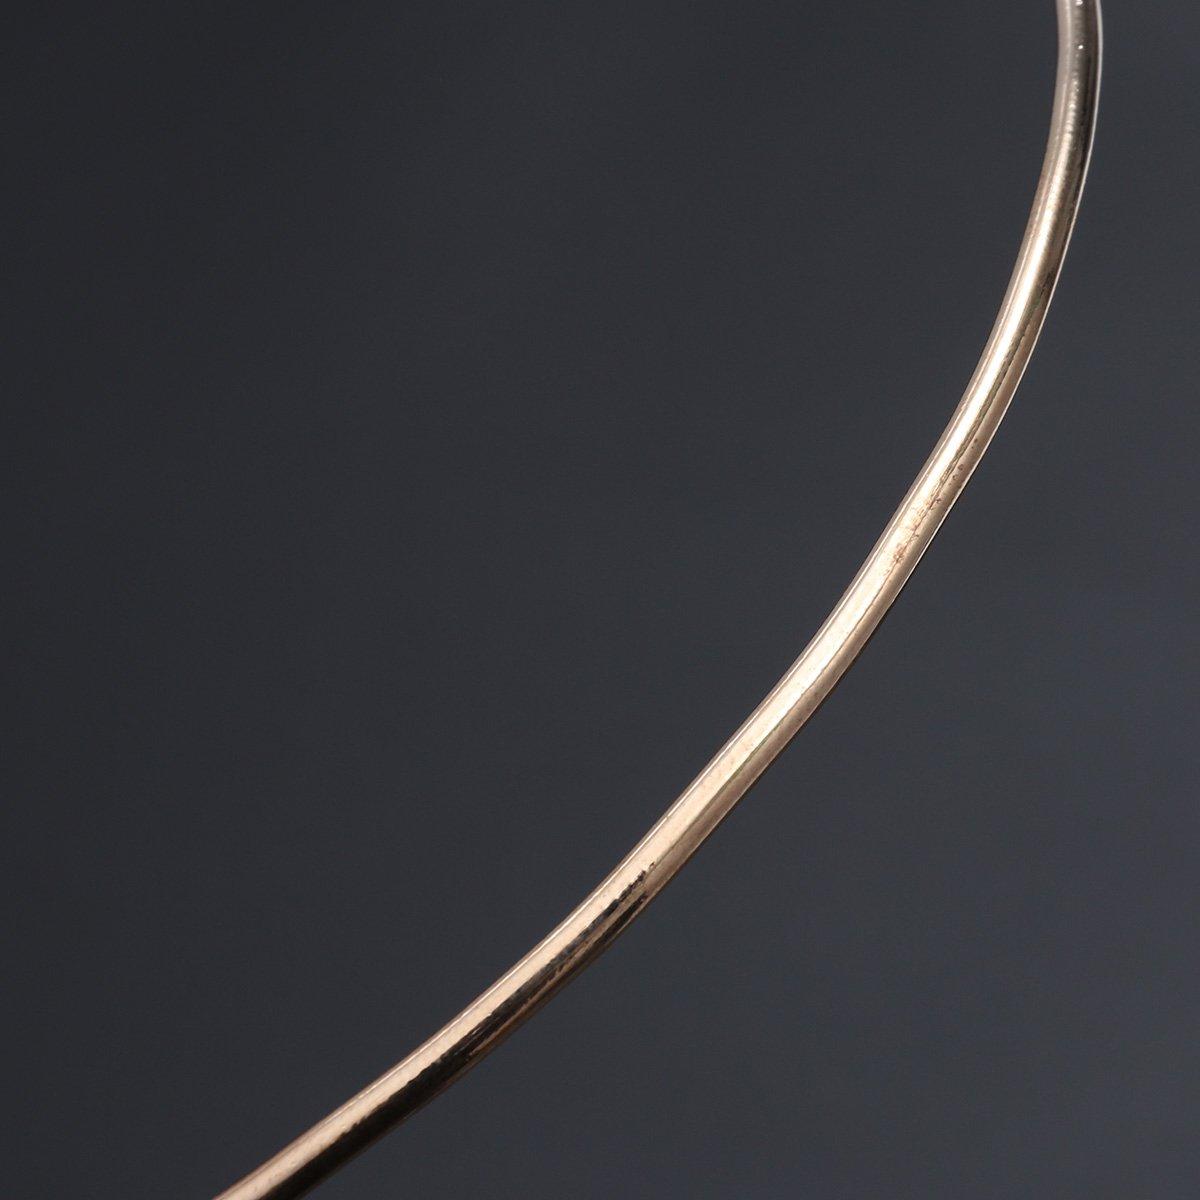 SUPVOX 10pcs Anillo de metal Aros Dreamcatcher Anillos para atrapasue/ños Guirnaldas Proyectos Macrame DIY 16cm